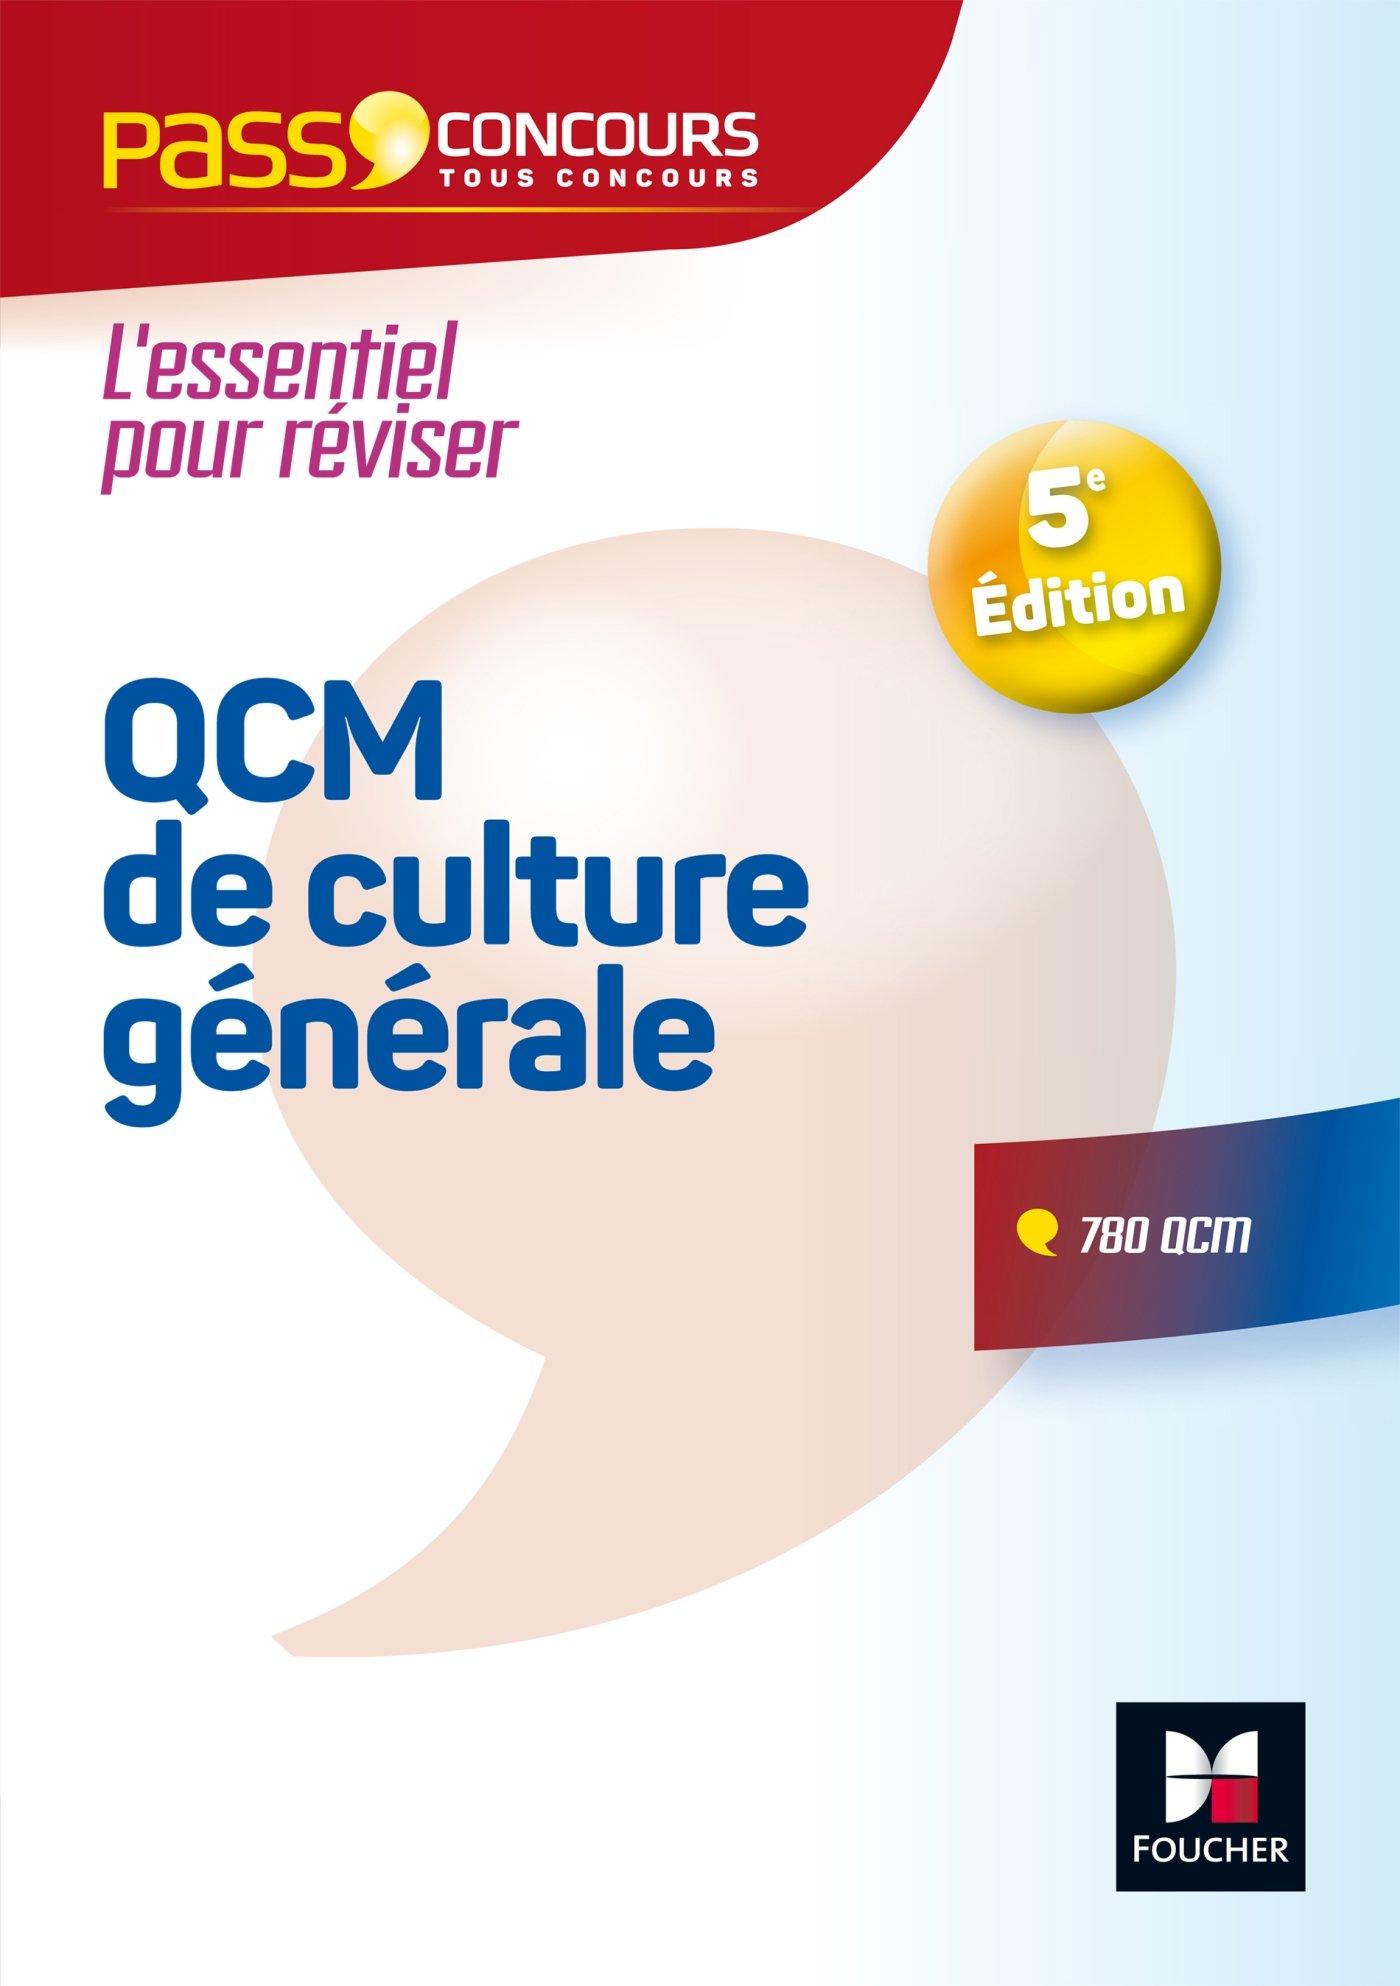 Amazon.fr - Pass'Concours - QCM de culture générale - Tous concours -  Entrainement et révision - Valérie Beal, Anne Ducastel - Livres